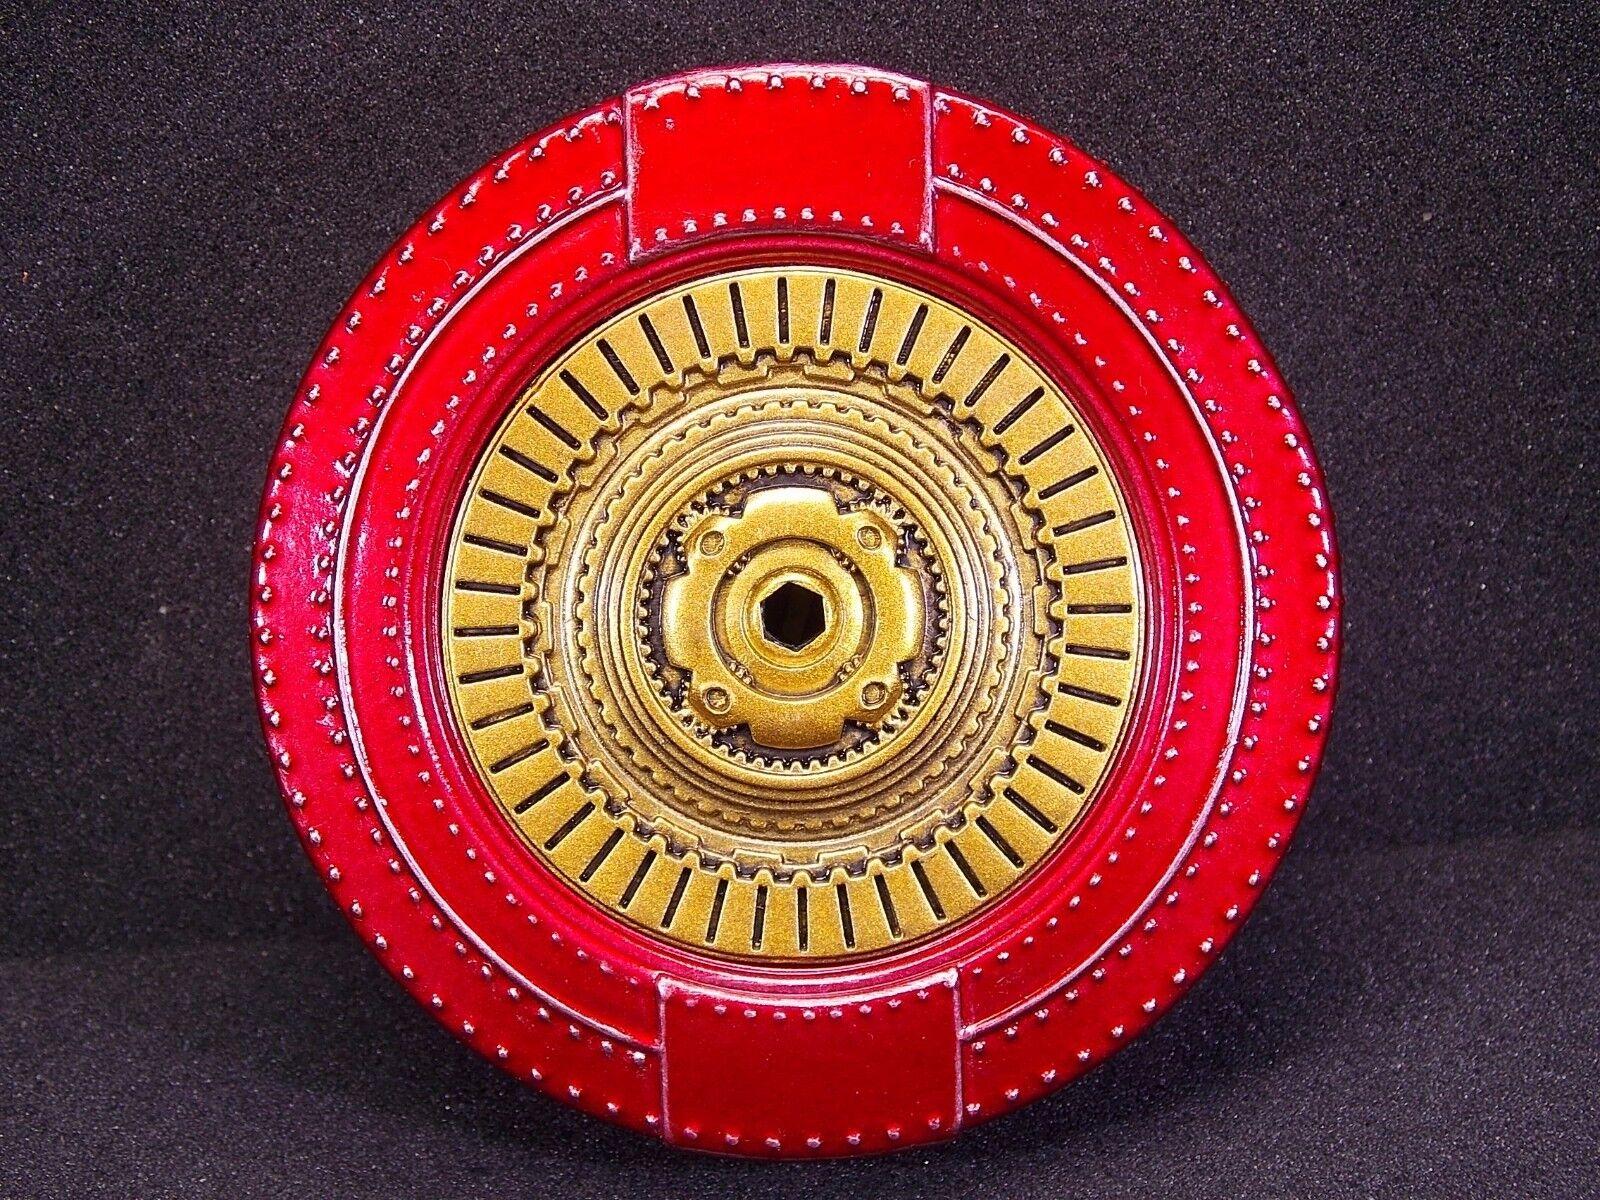 Erzürnt die spielsachen bis 6 cowboy der cowboy 6 aus der hölle (gungrave) männliche figur - pistole fall b579f2